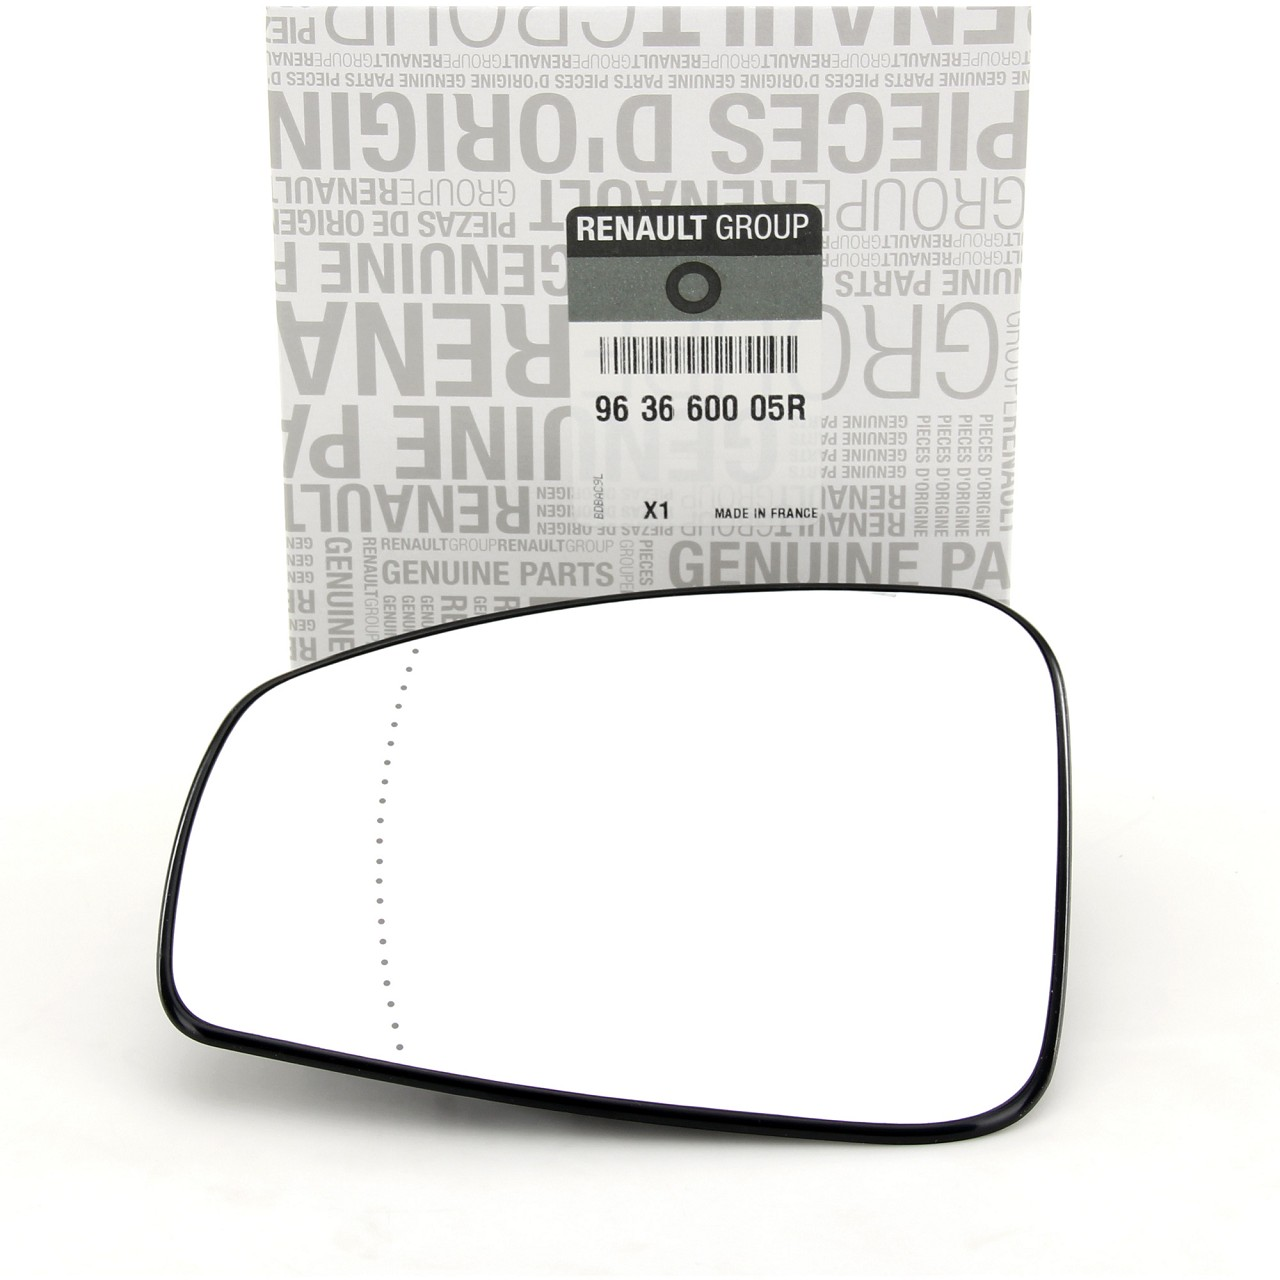 ORIGINAL Renault Außenspiegel Spiegelglas BEHEIZBAR Megane III links 963660005R